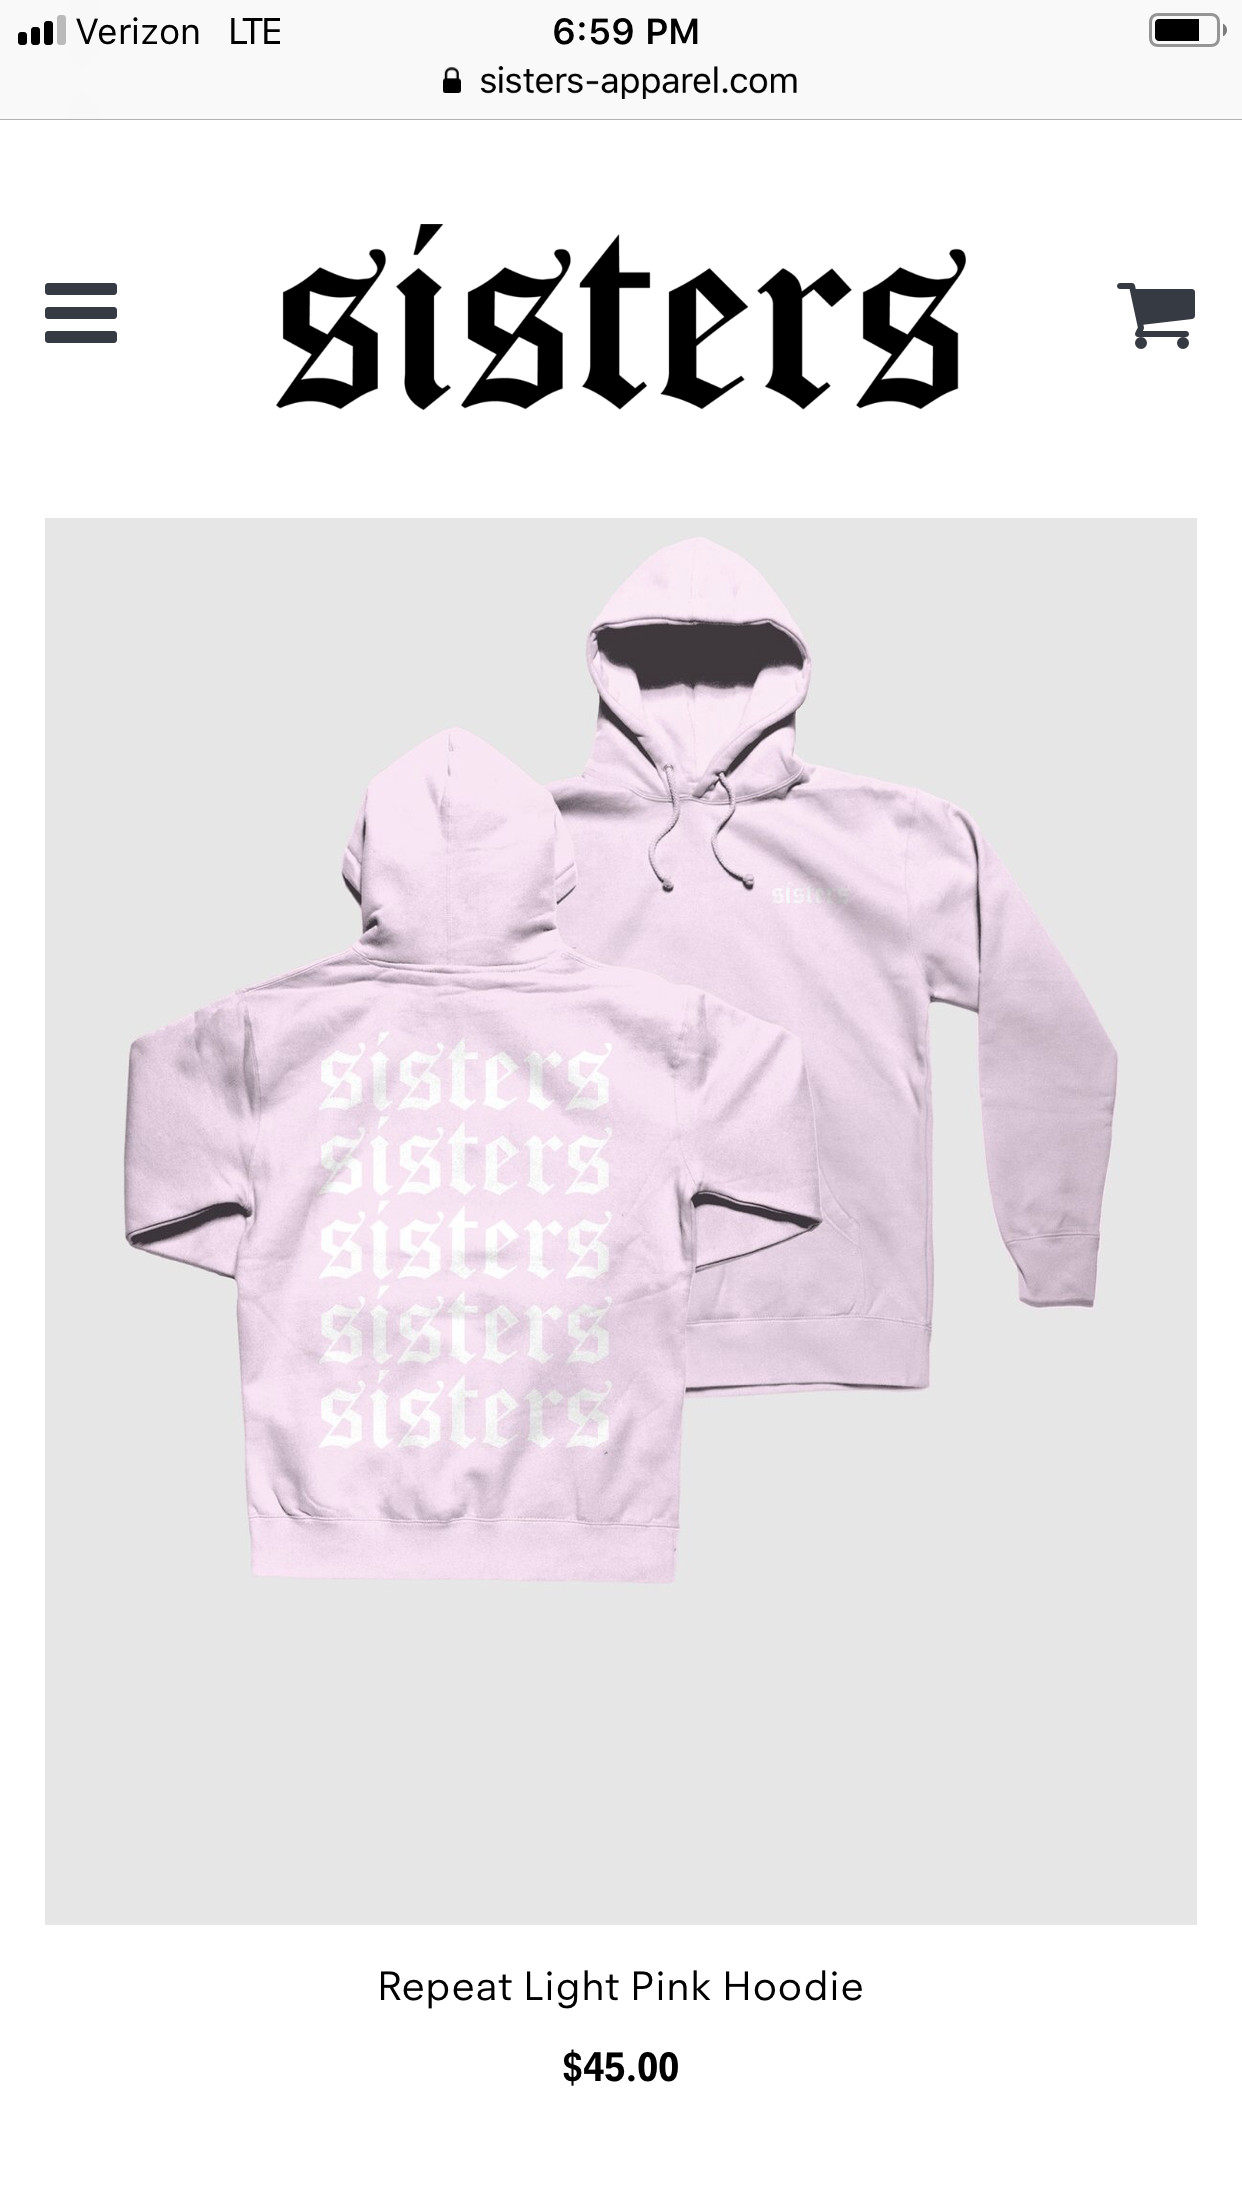 Sisters merch | Light pink hoodie, Hoodies, Hoodie outfit